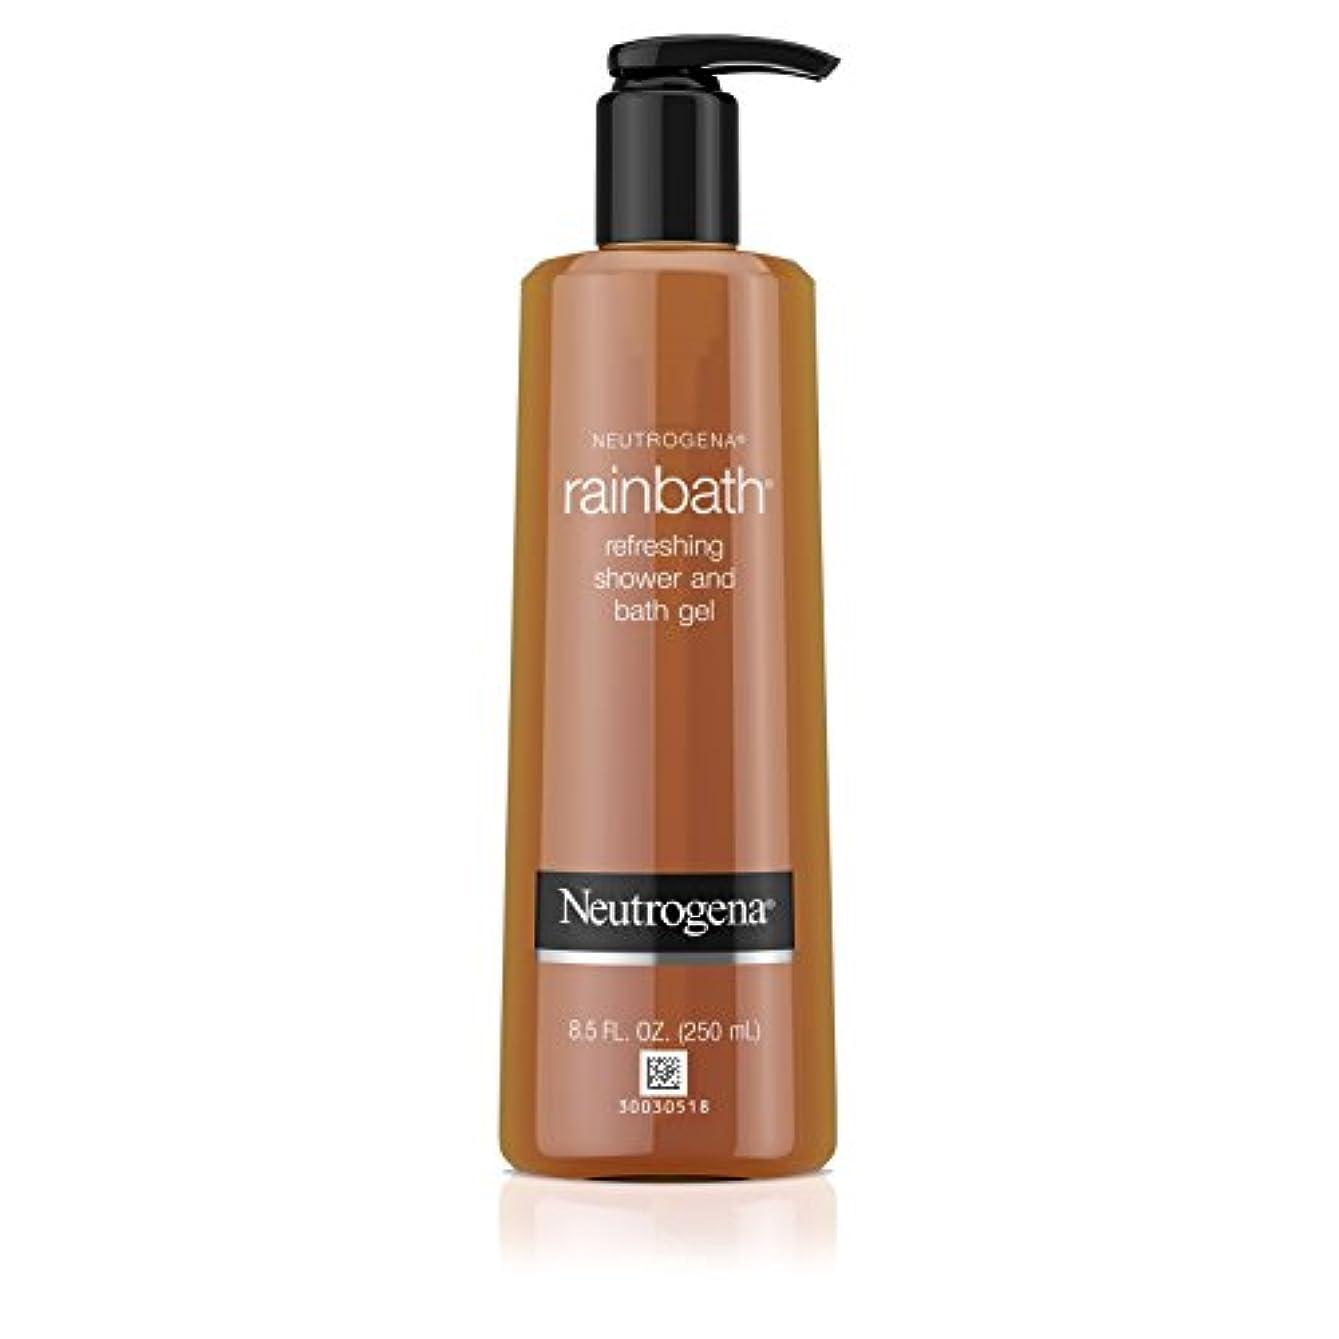 ハンサム無限ハンサムNeutrogena Rainbath Refreshing Shower And Bath Gel (Body Wash), 250ml